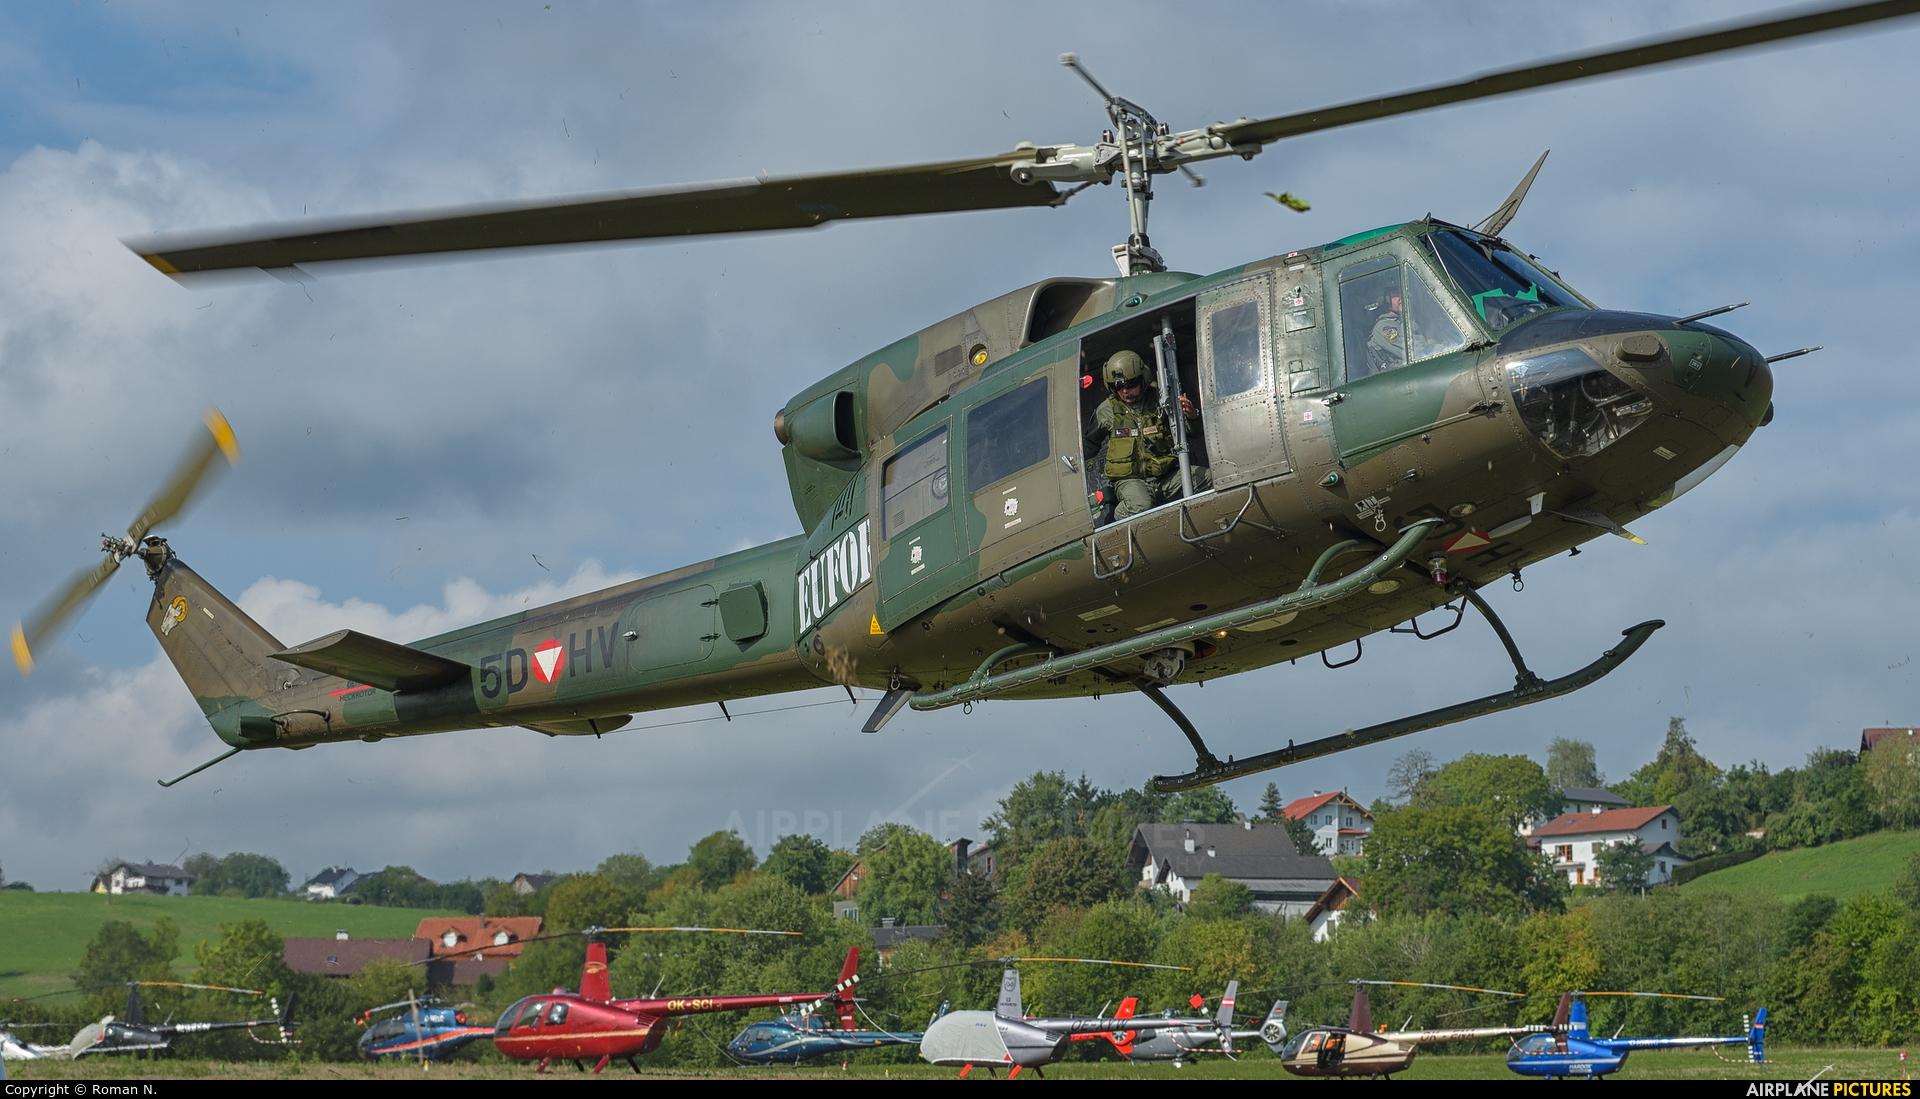 Austria - Air Force 5D-HV aircraft at Off Airport - Austria